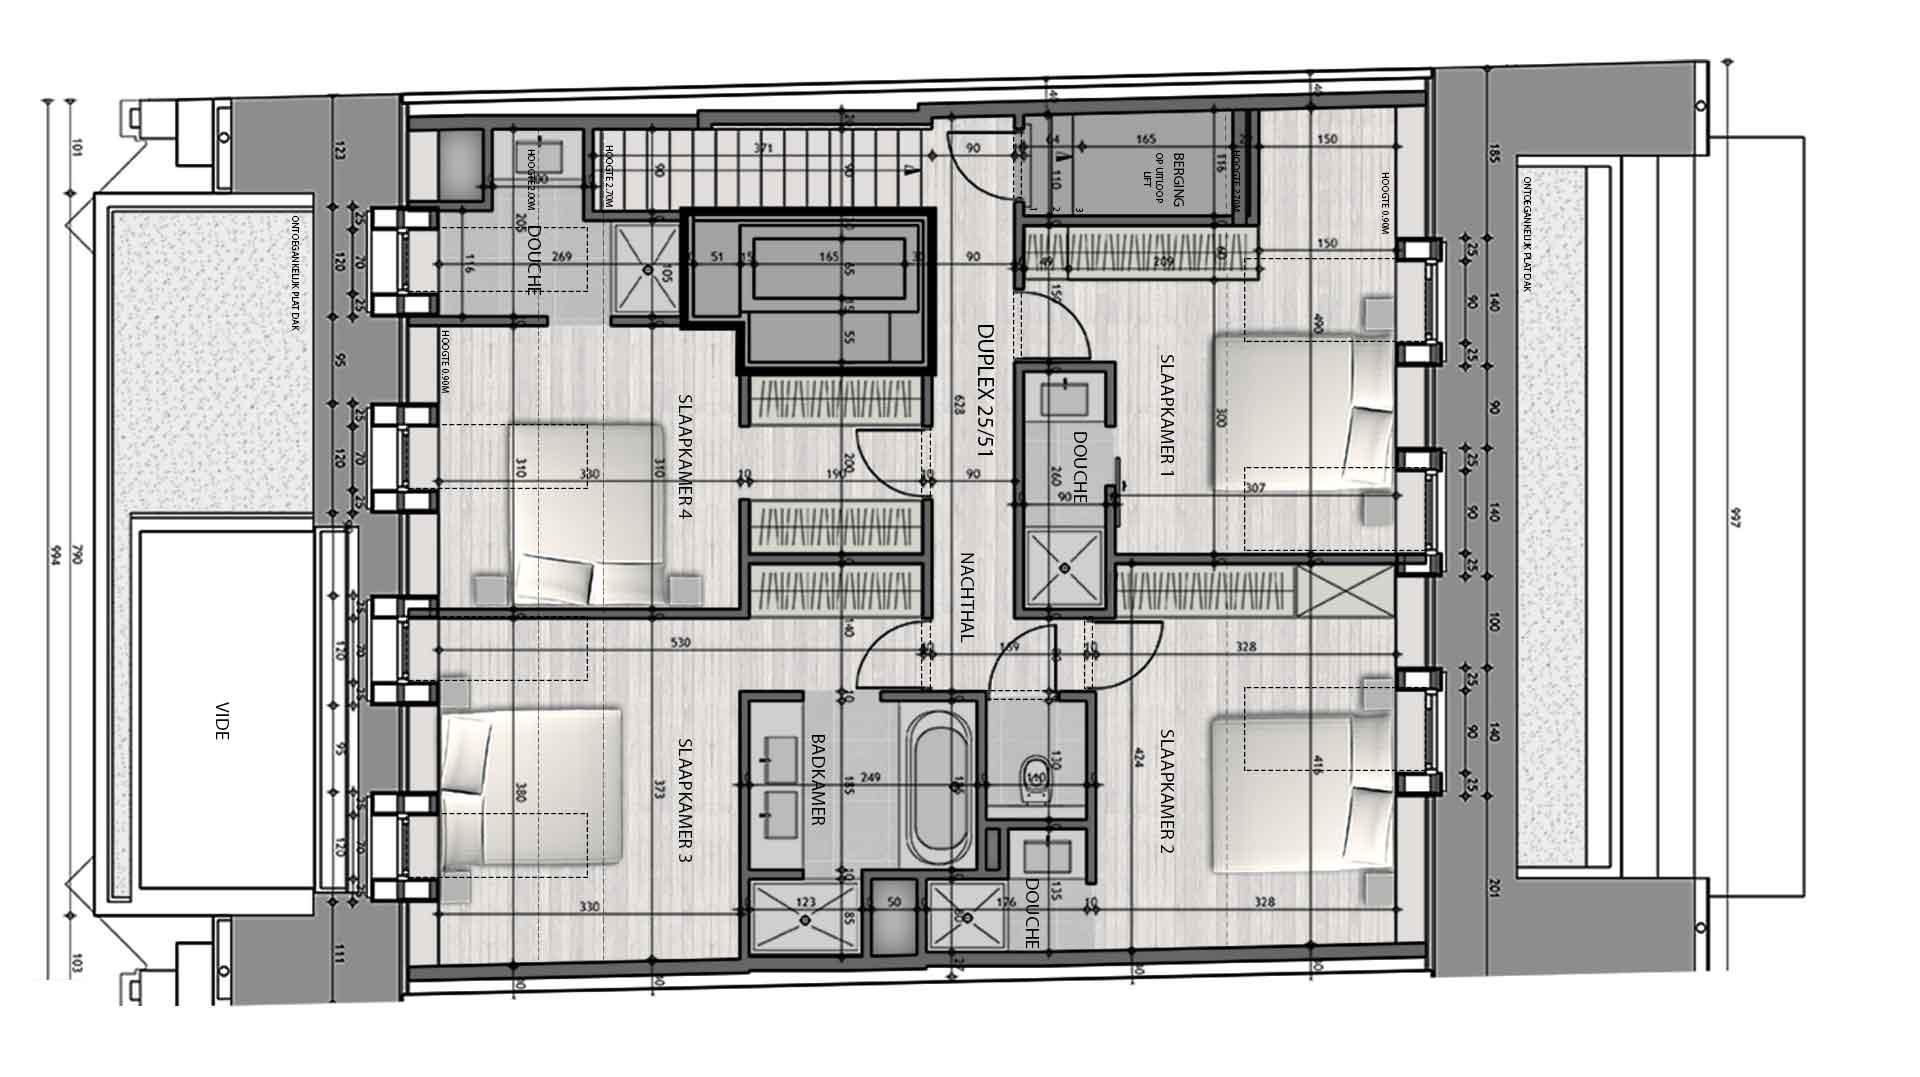 Residentie <br/> Berlage - image appartement-te-koop-knokke-residentie-berlage-512 on https://hoprom.be